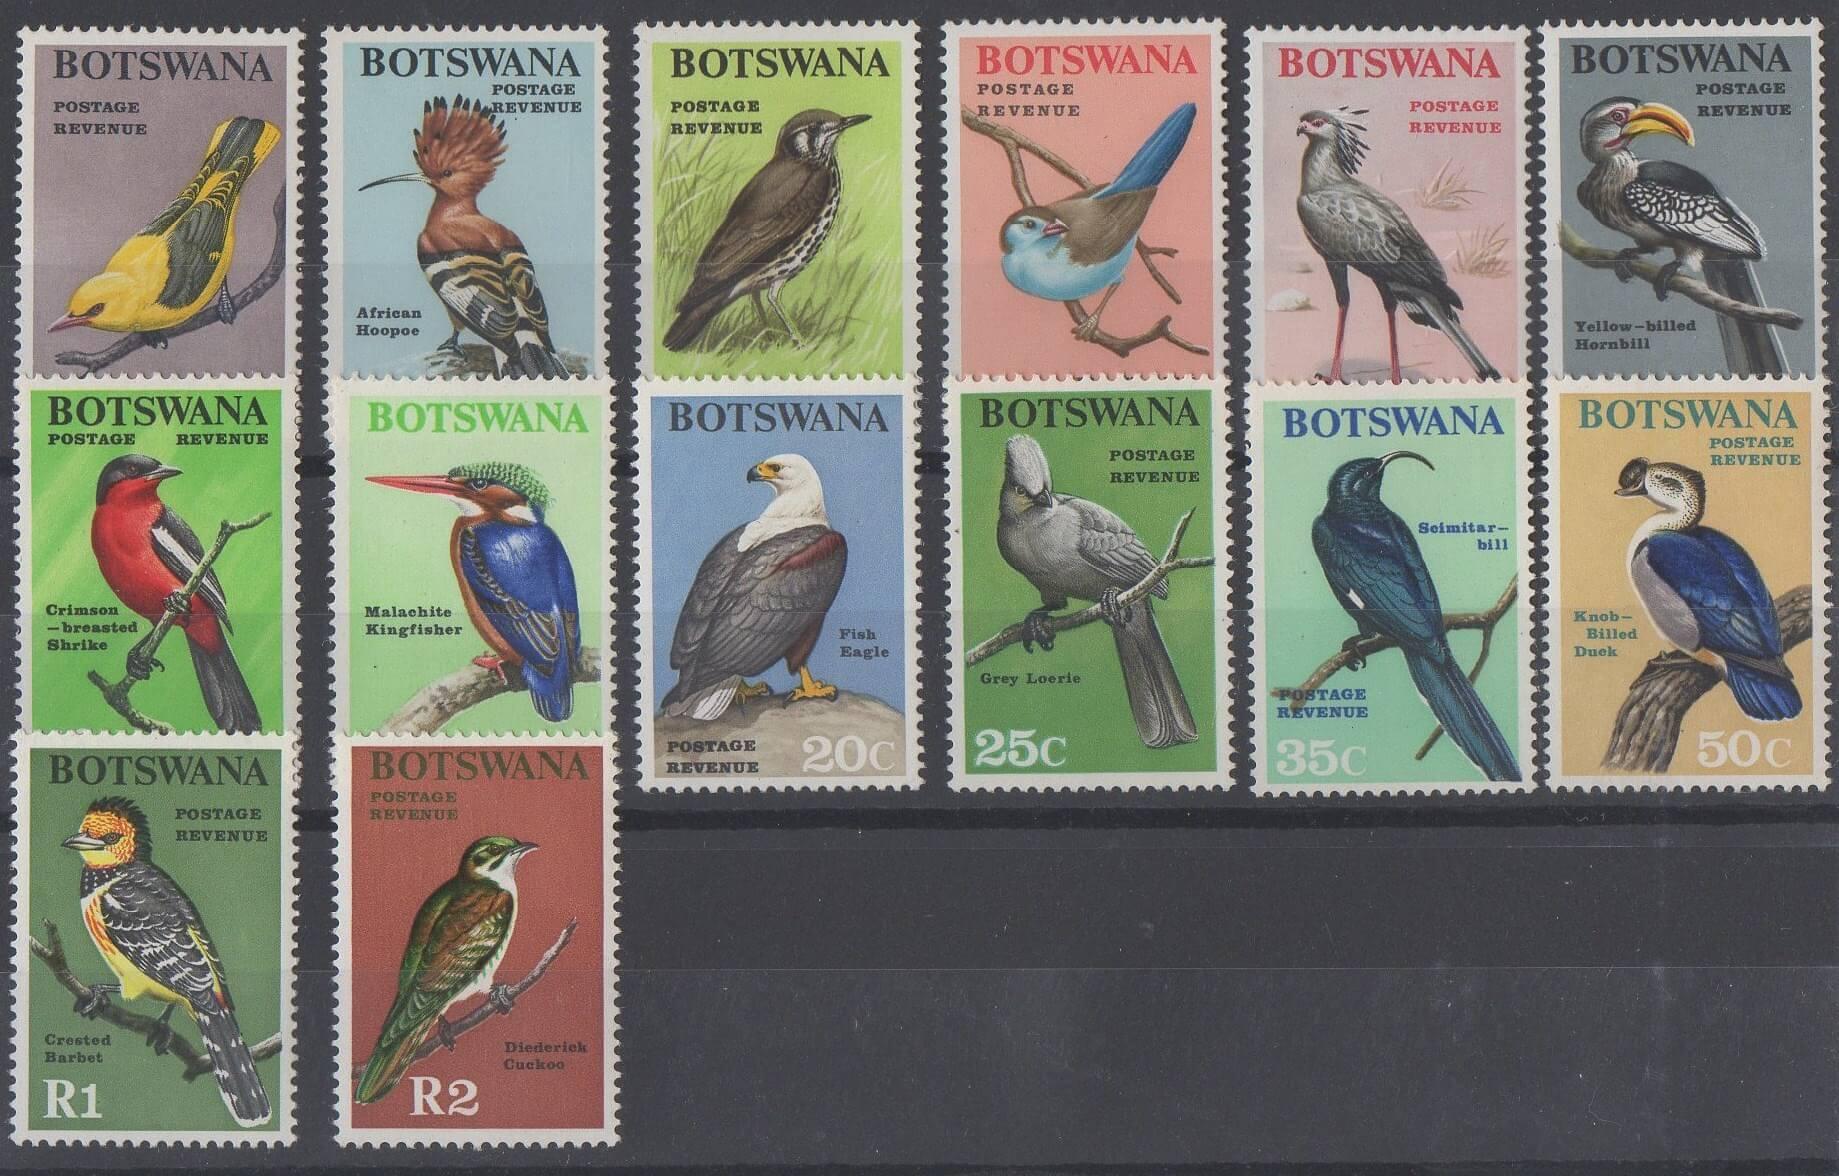 Timbres du Botswana de 1967 représentant des oiseaux